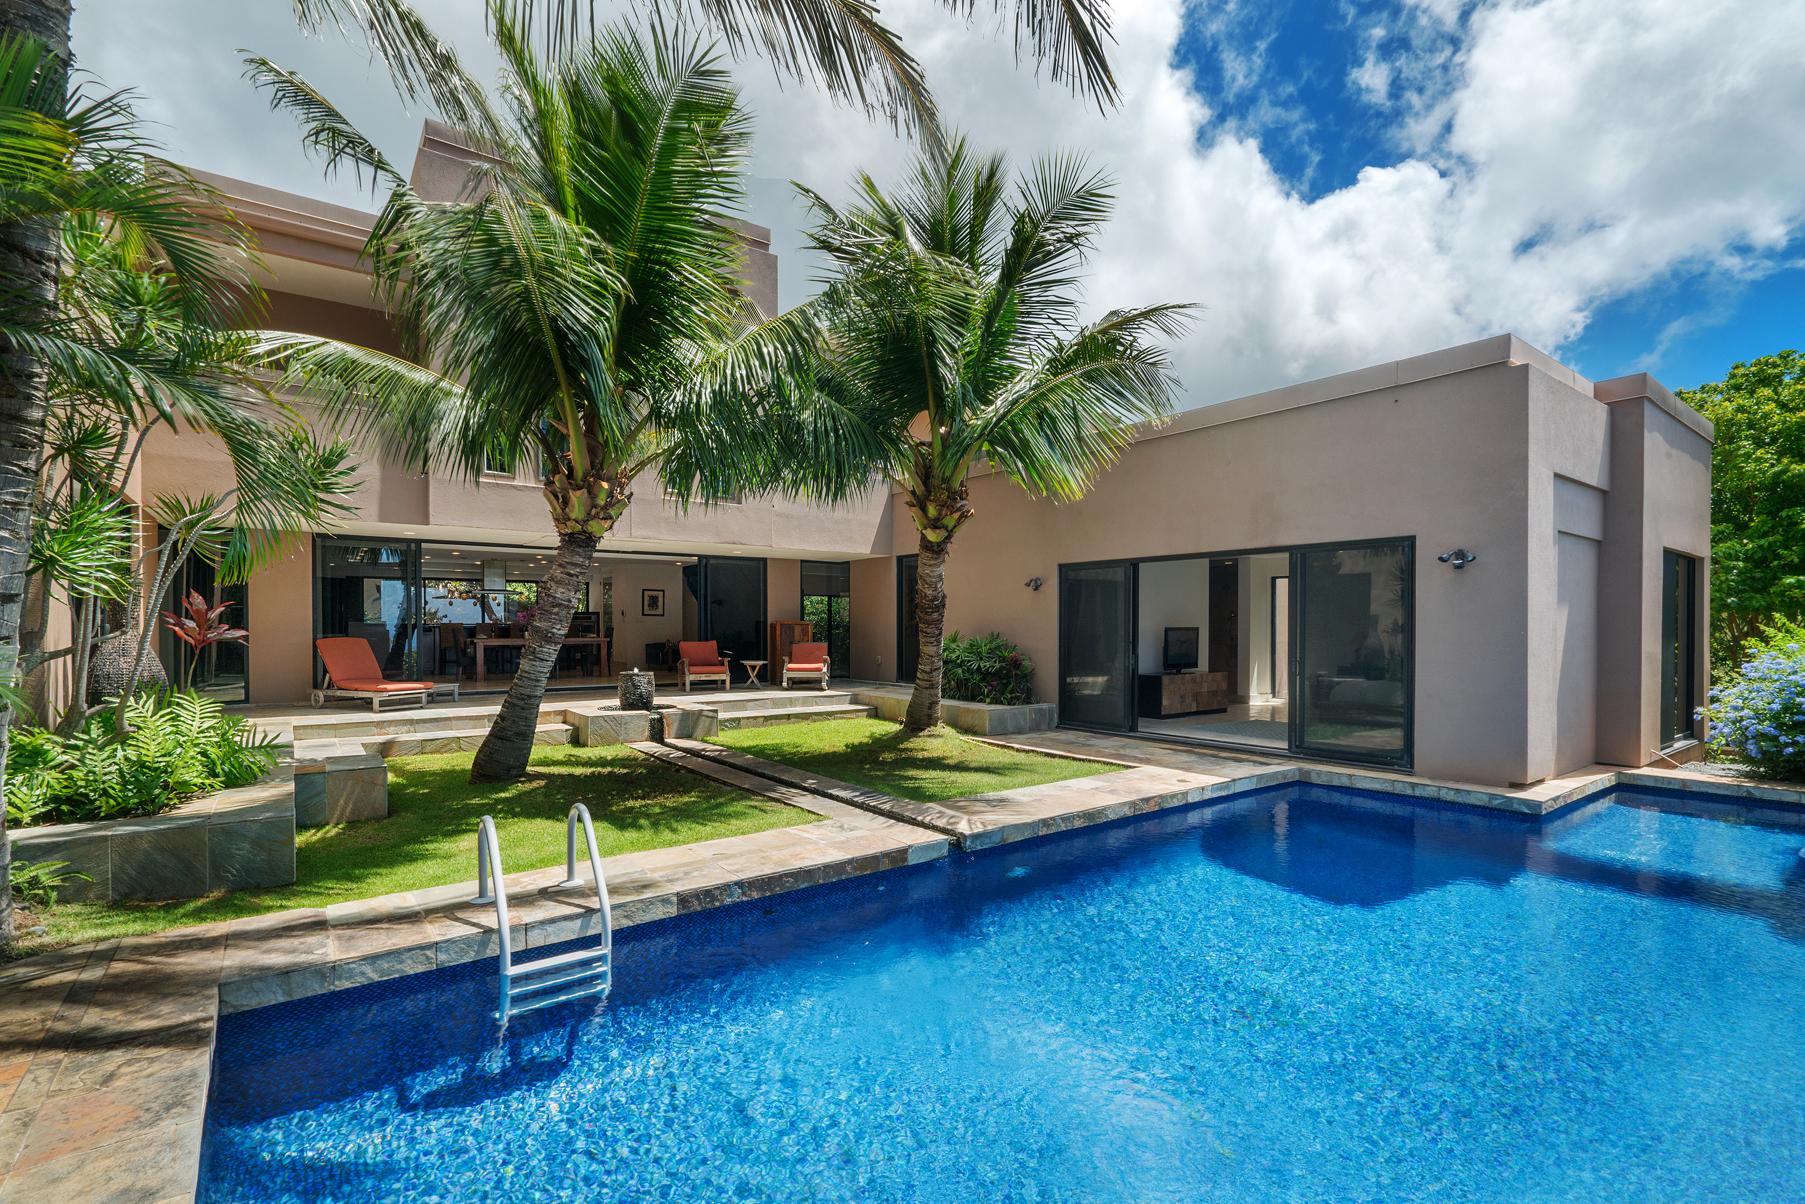 Casa Unifamiliar por un Venta en Kahala Kua Contemporary 5614 Poola Street Honolulu, Hawaii, 96821 Estados Unidos